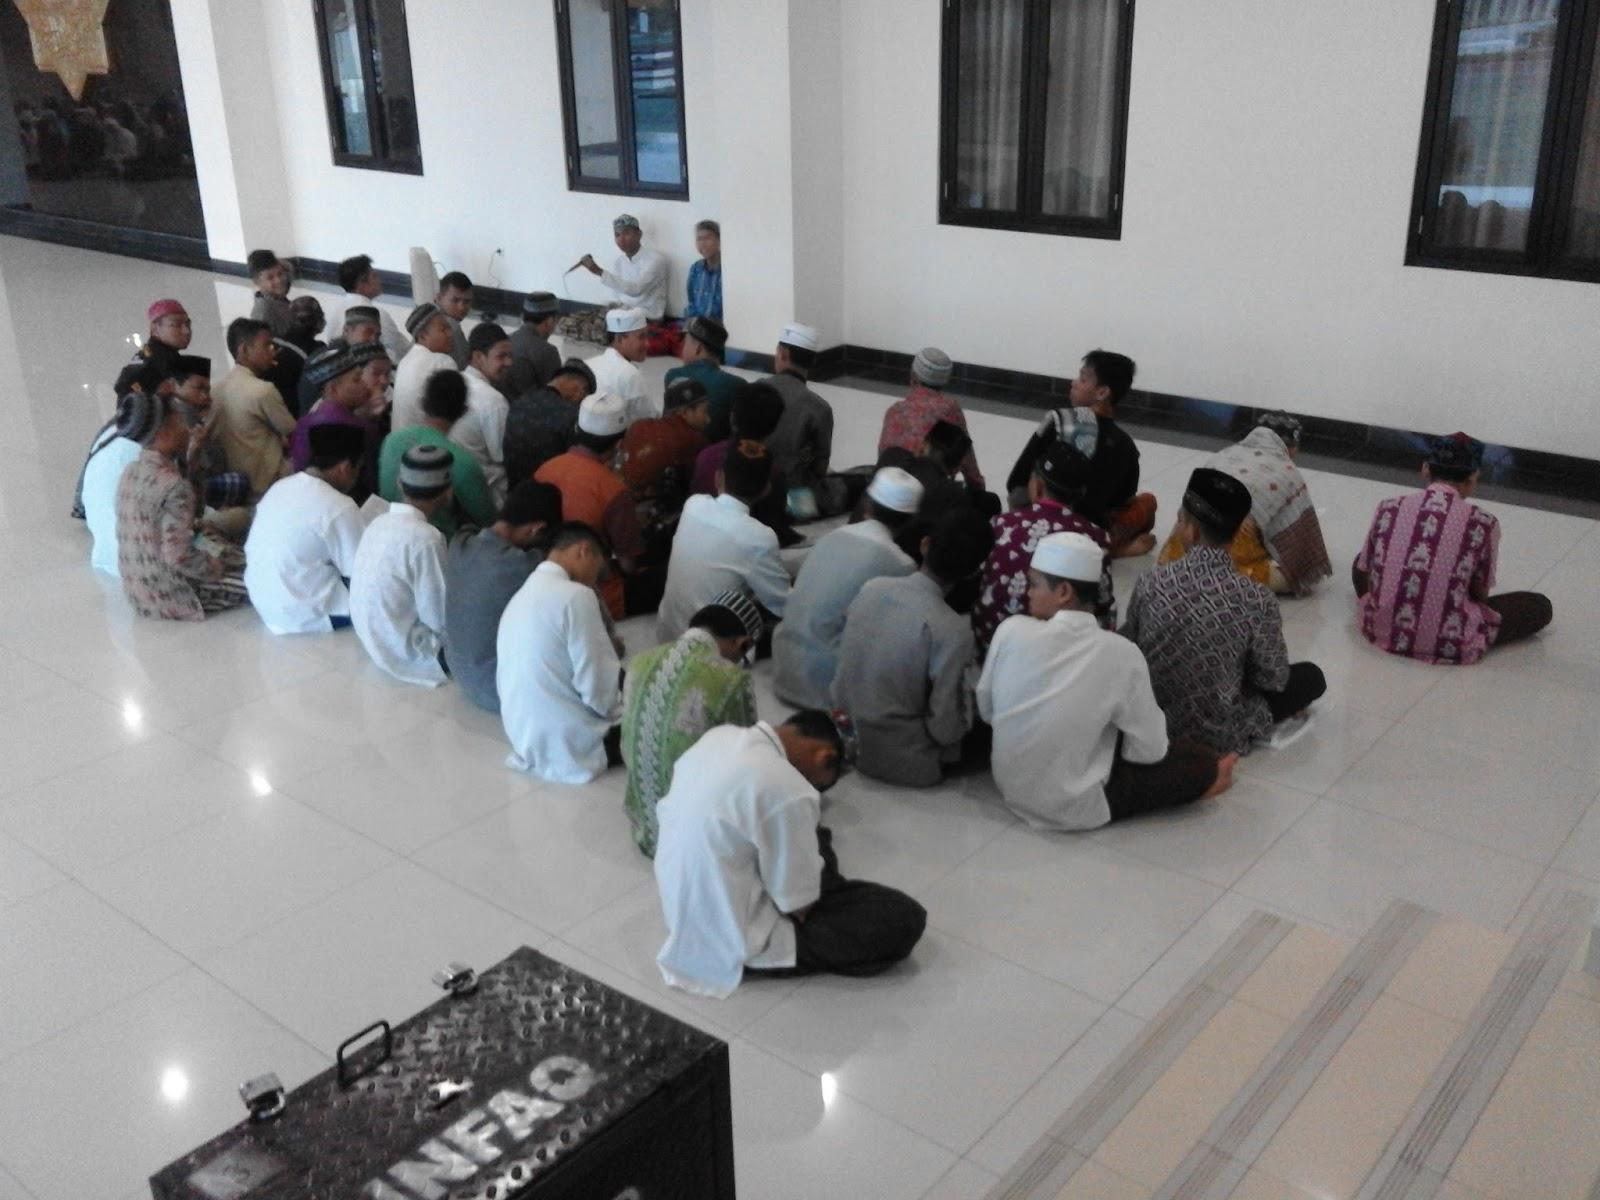 Al Ma Tsurat Di Masjid Raya Darussalam Palangka Raya